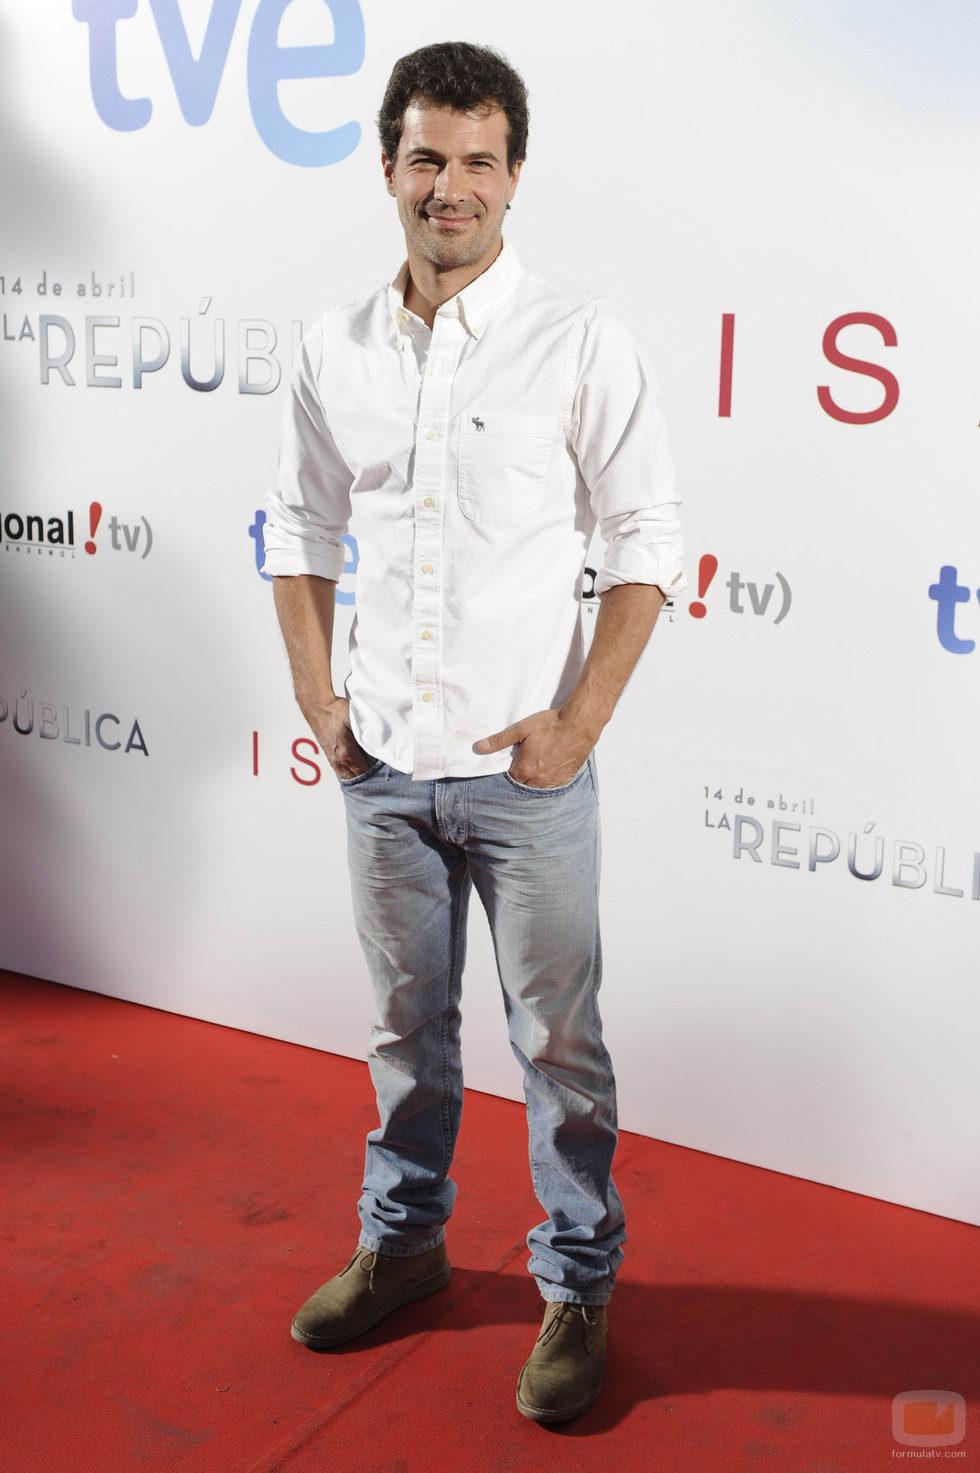 Rodolfo Sancho en el photocall de la premier de 'Isabel' y '14 de abril. La República'